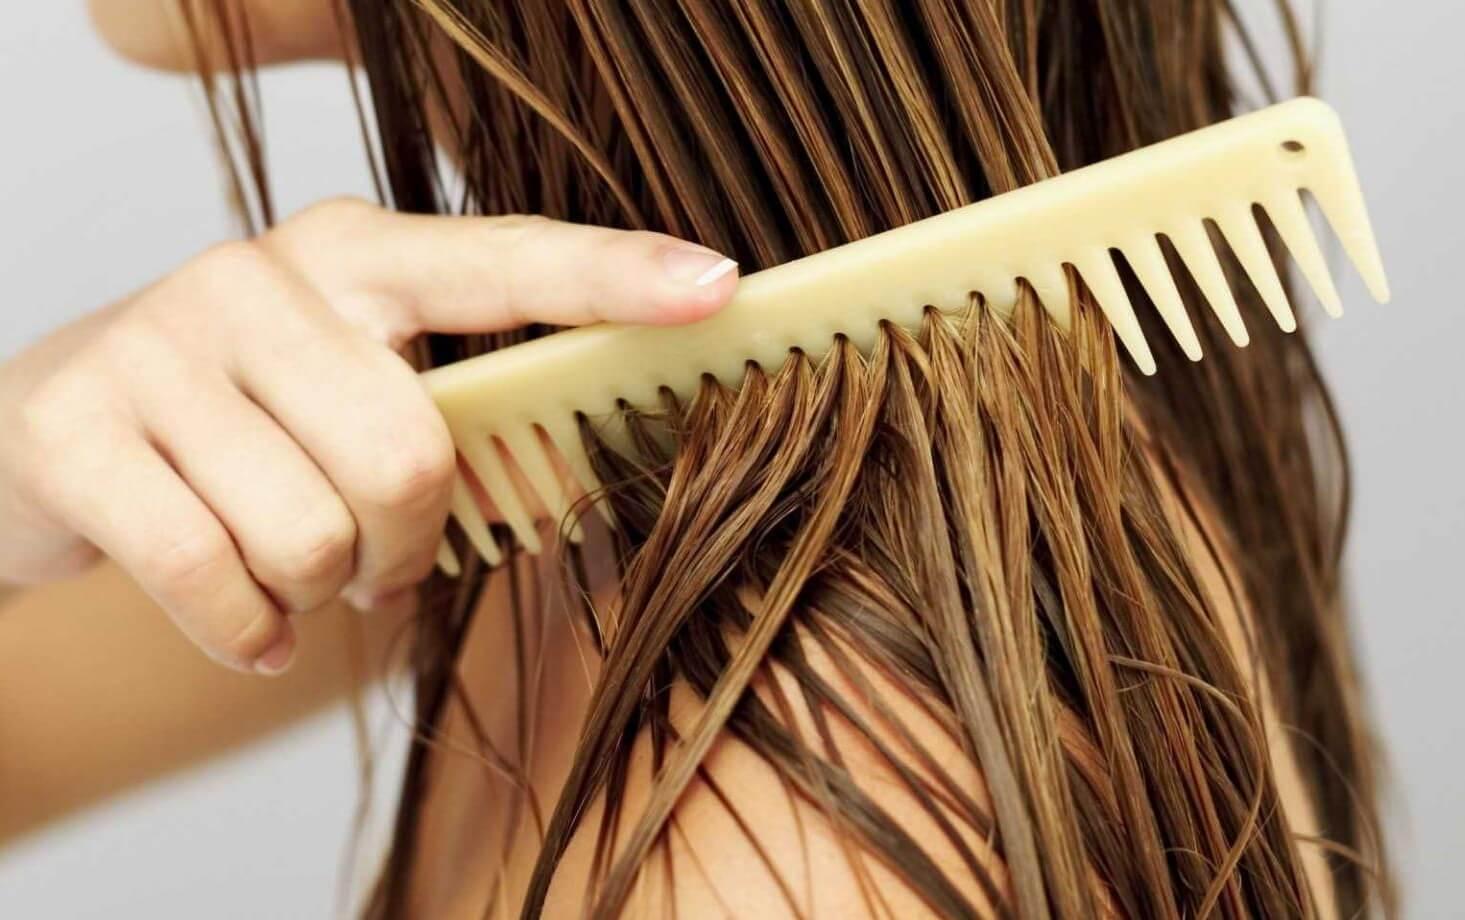 ТОП 5 лучших шампуней для жирных волос